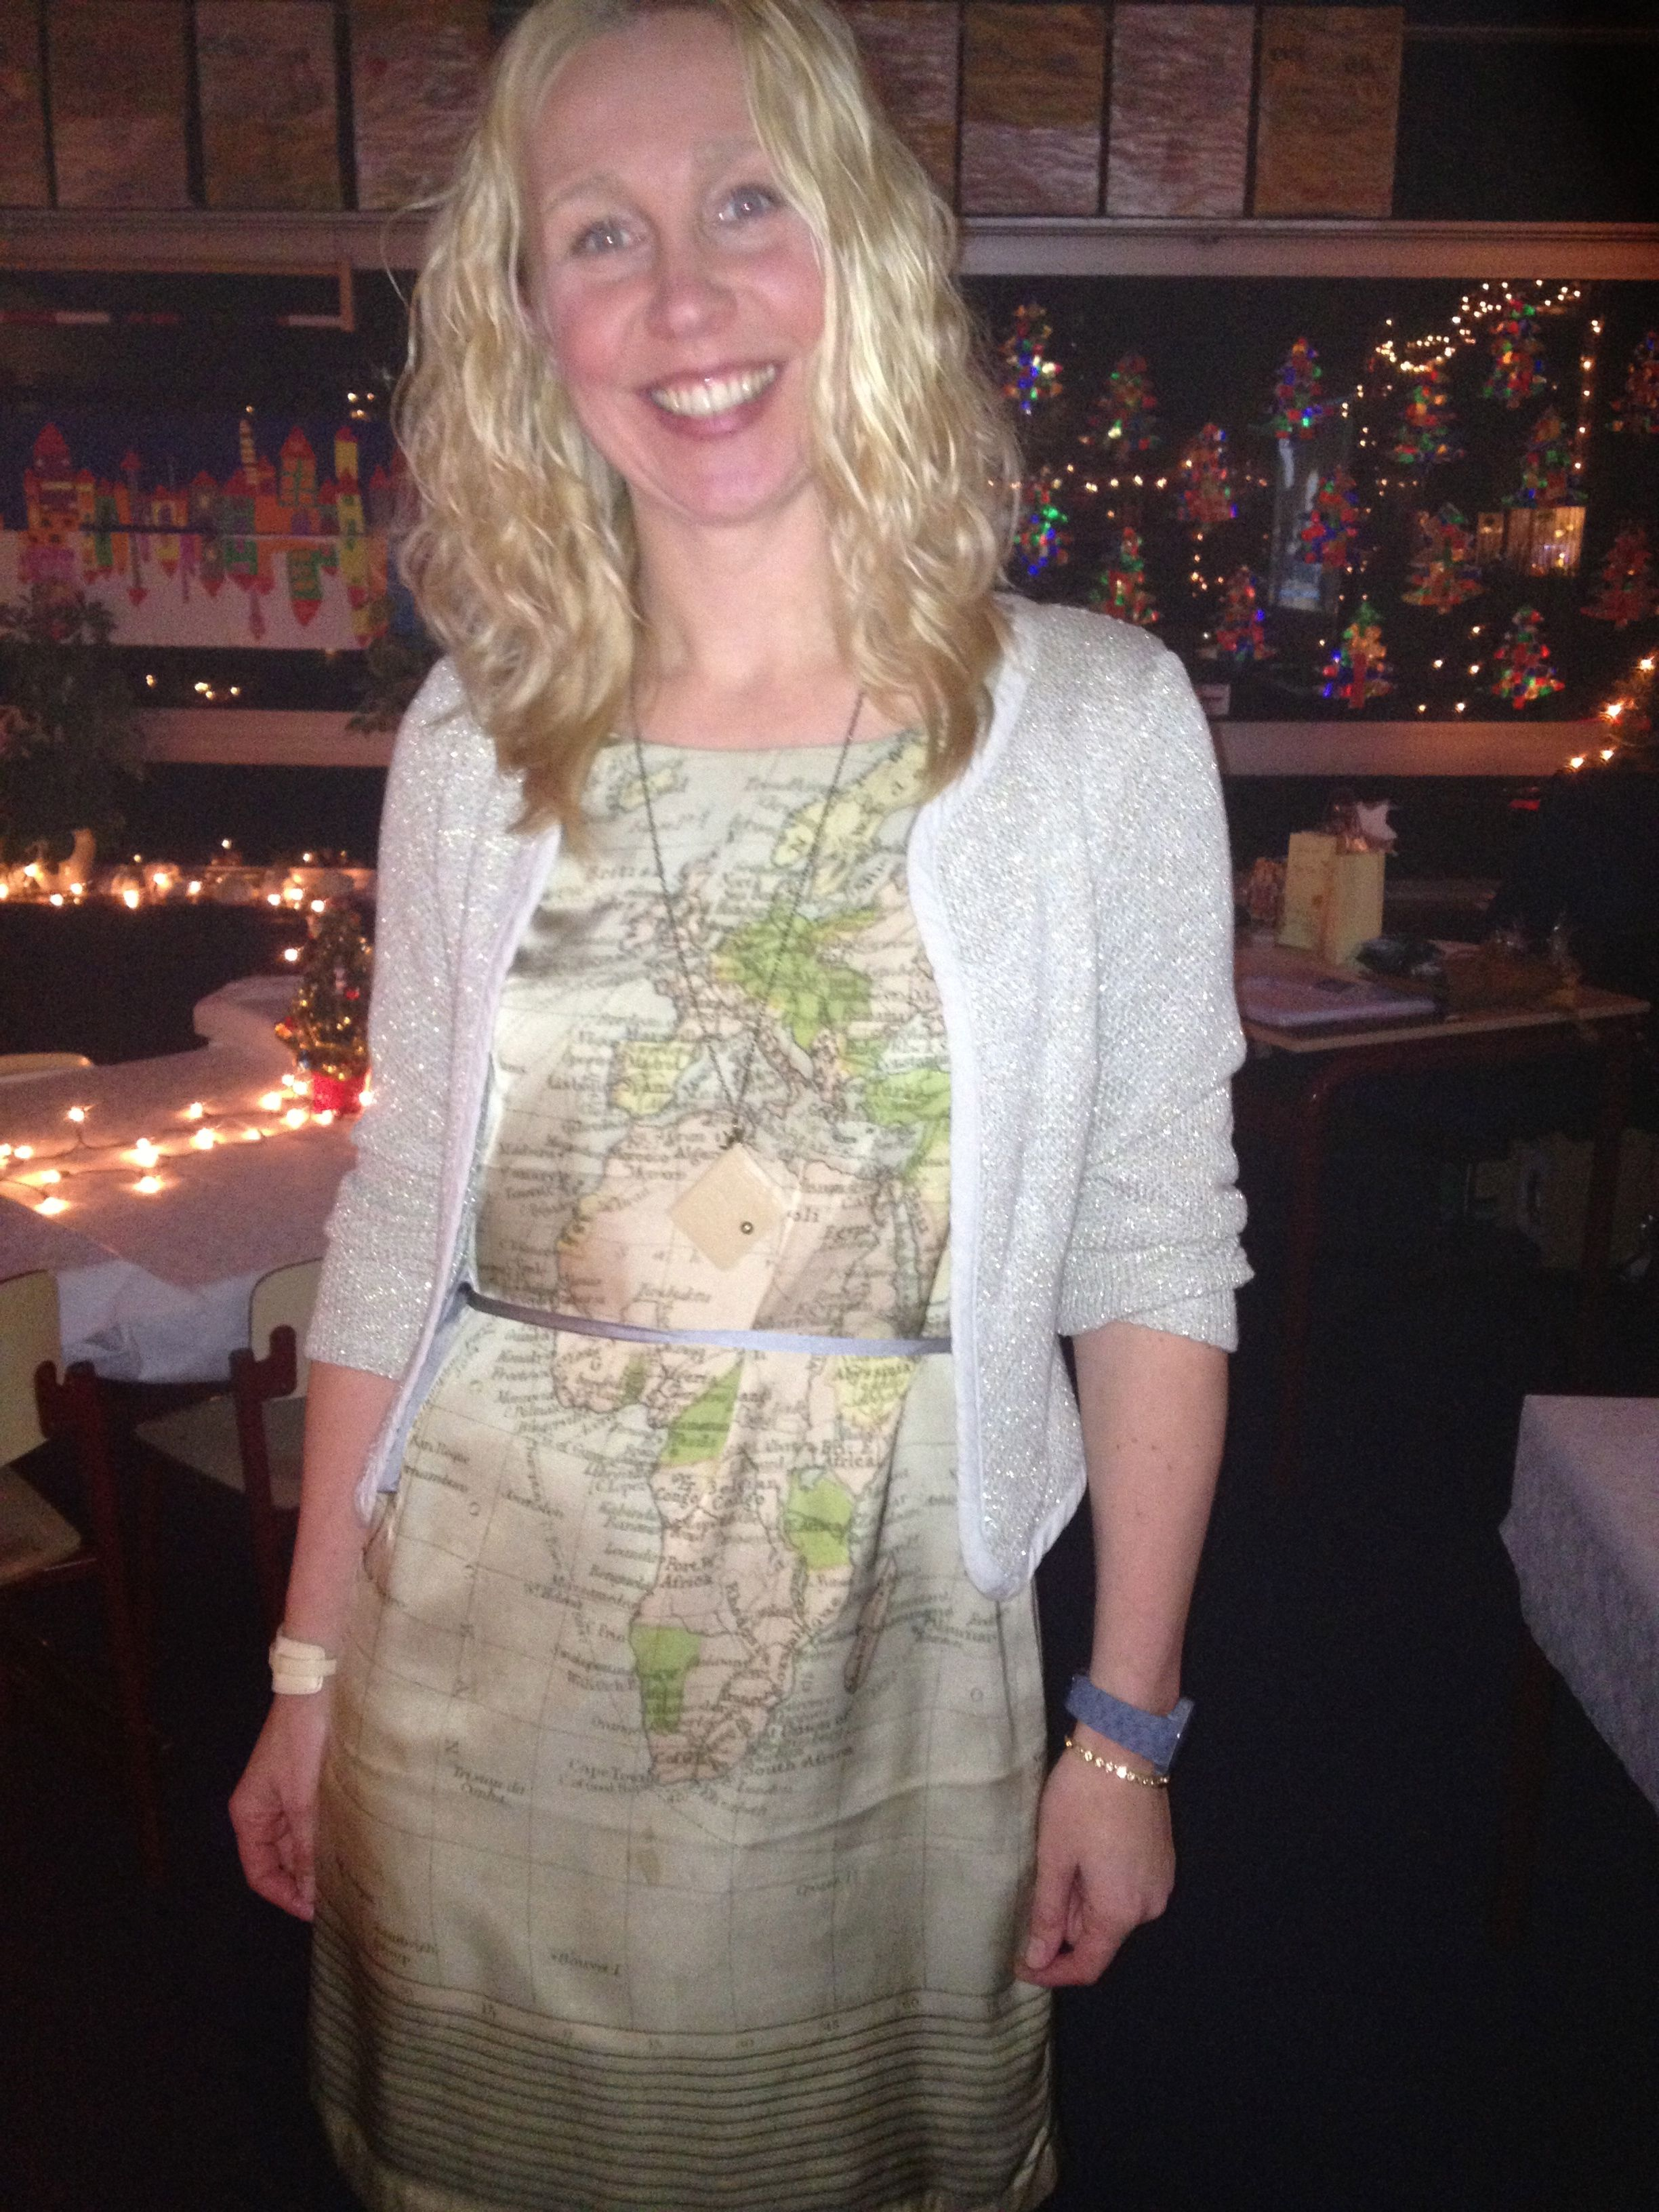 Nice dress for Christmas eve